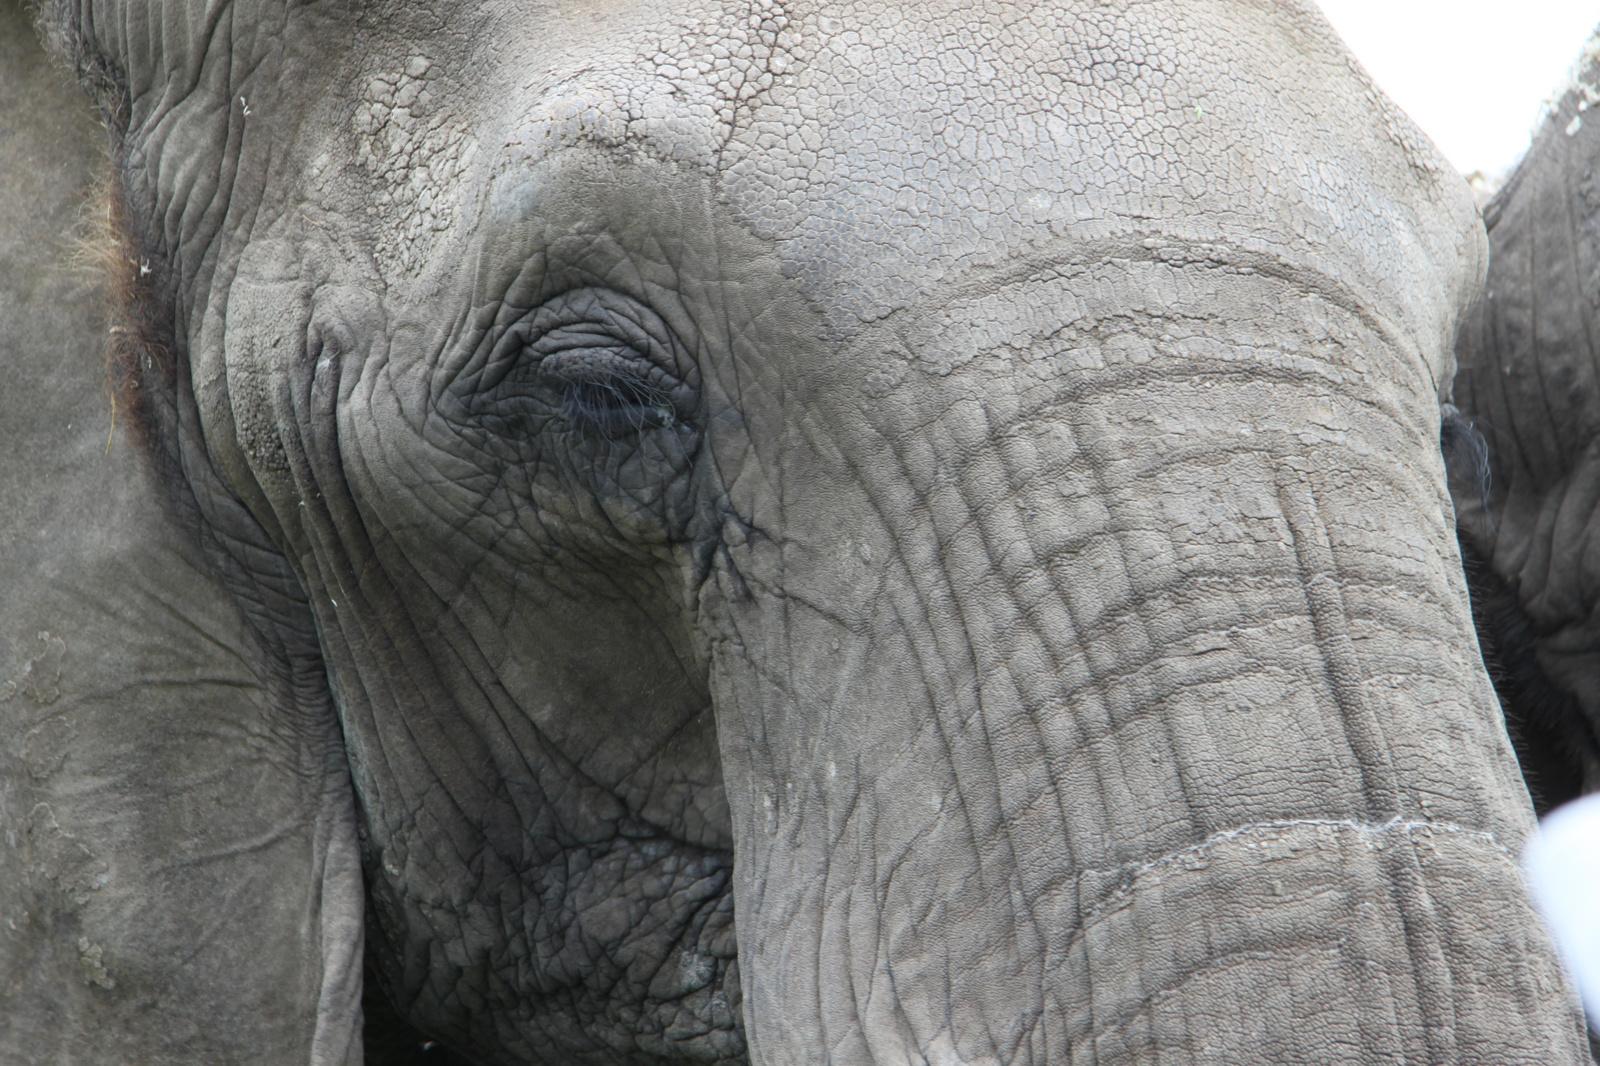 Vyriausybėje – siūlymas uždrausti naudoti laukinius gyvūnus cirko veikloje